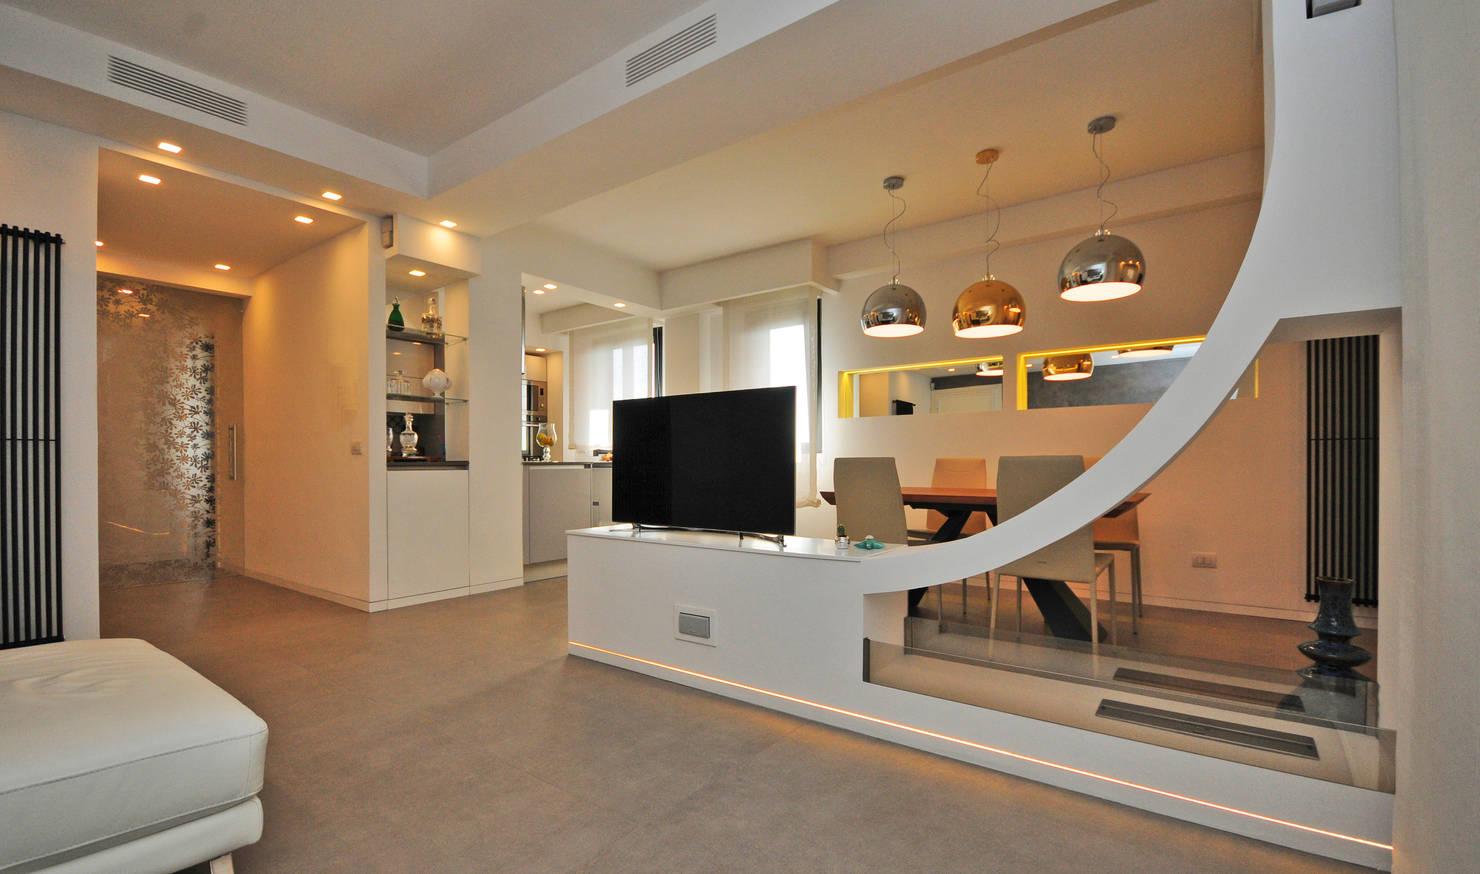 Un apartamento de 100 m² ¡perfecto para tu familia!